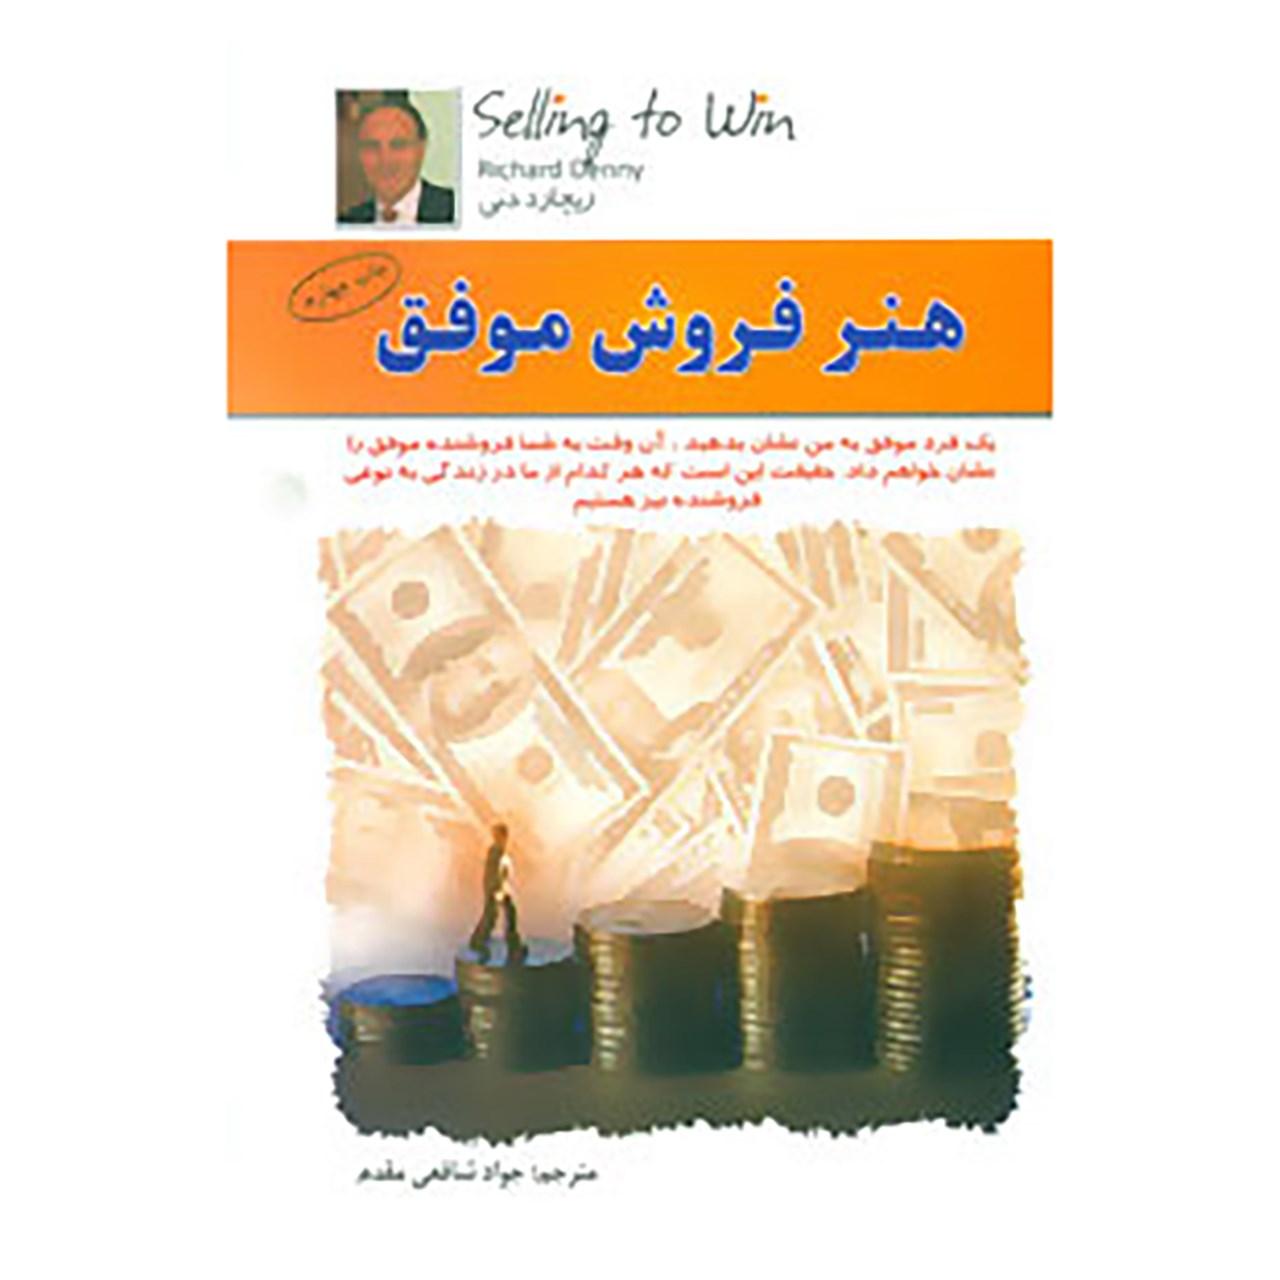 خرید                      کتاب هنر فروش موفق اثر ریچارد دنی